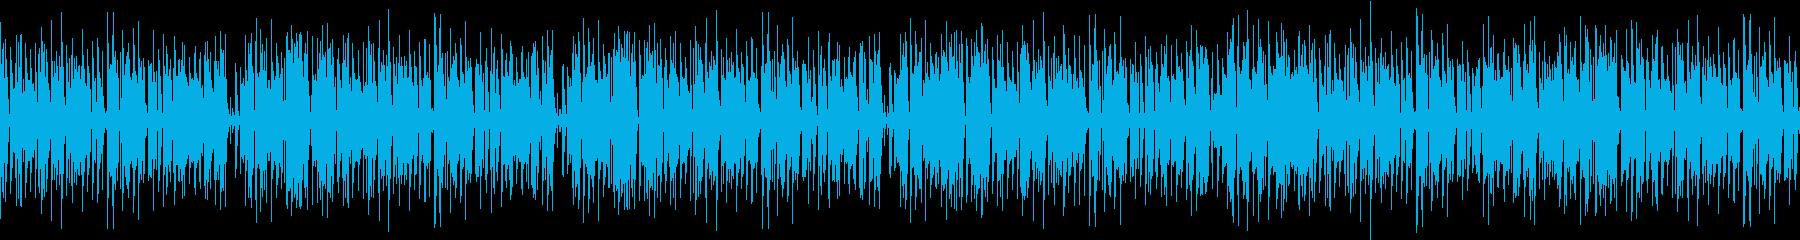 夏の労働イメージのファンクの再生済みの波形